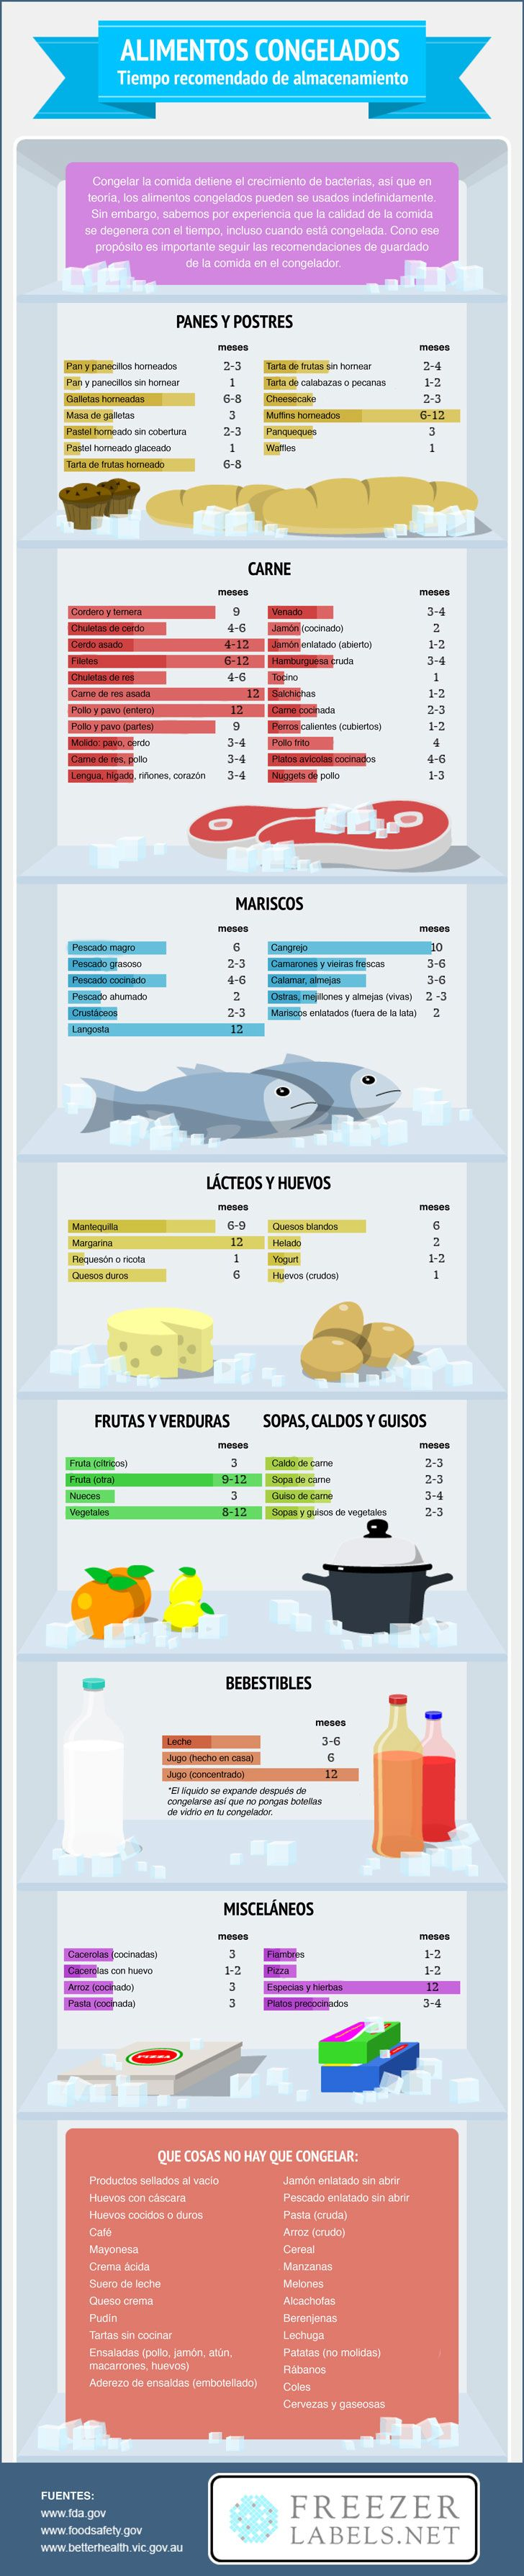 ¿Por cuánto tiempo puedes congelar los alimentos? Ahora lo sabrás